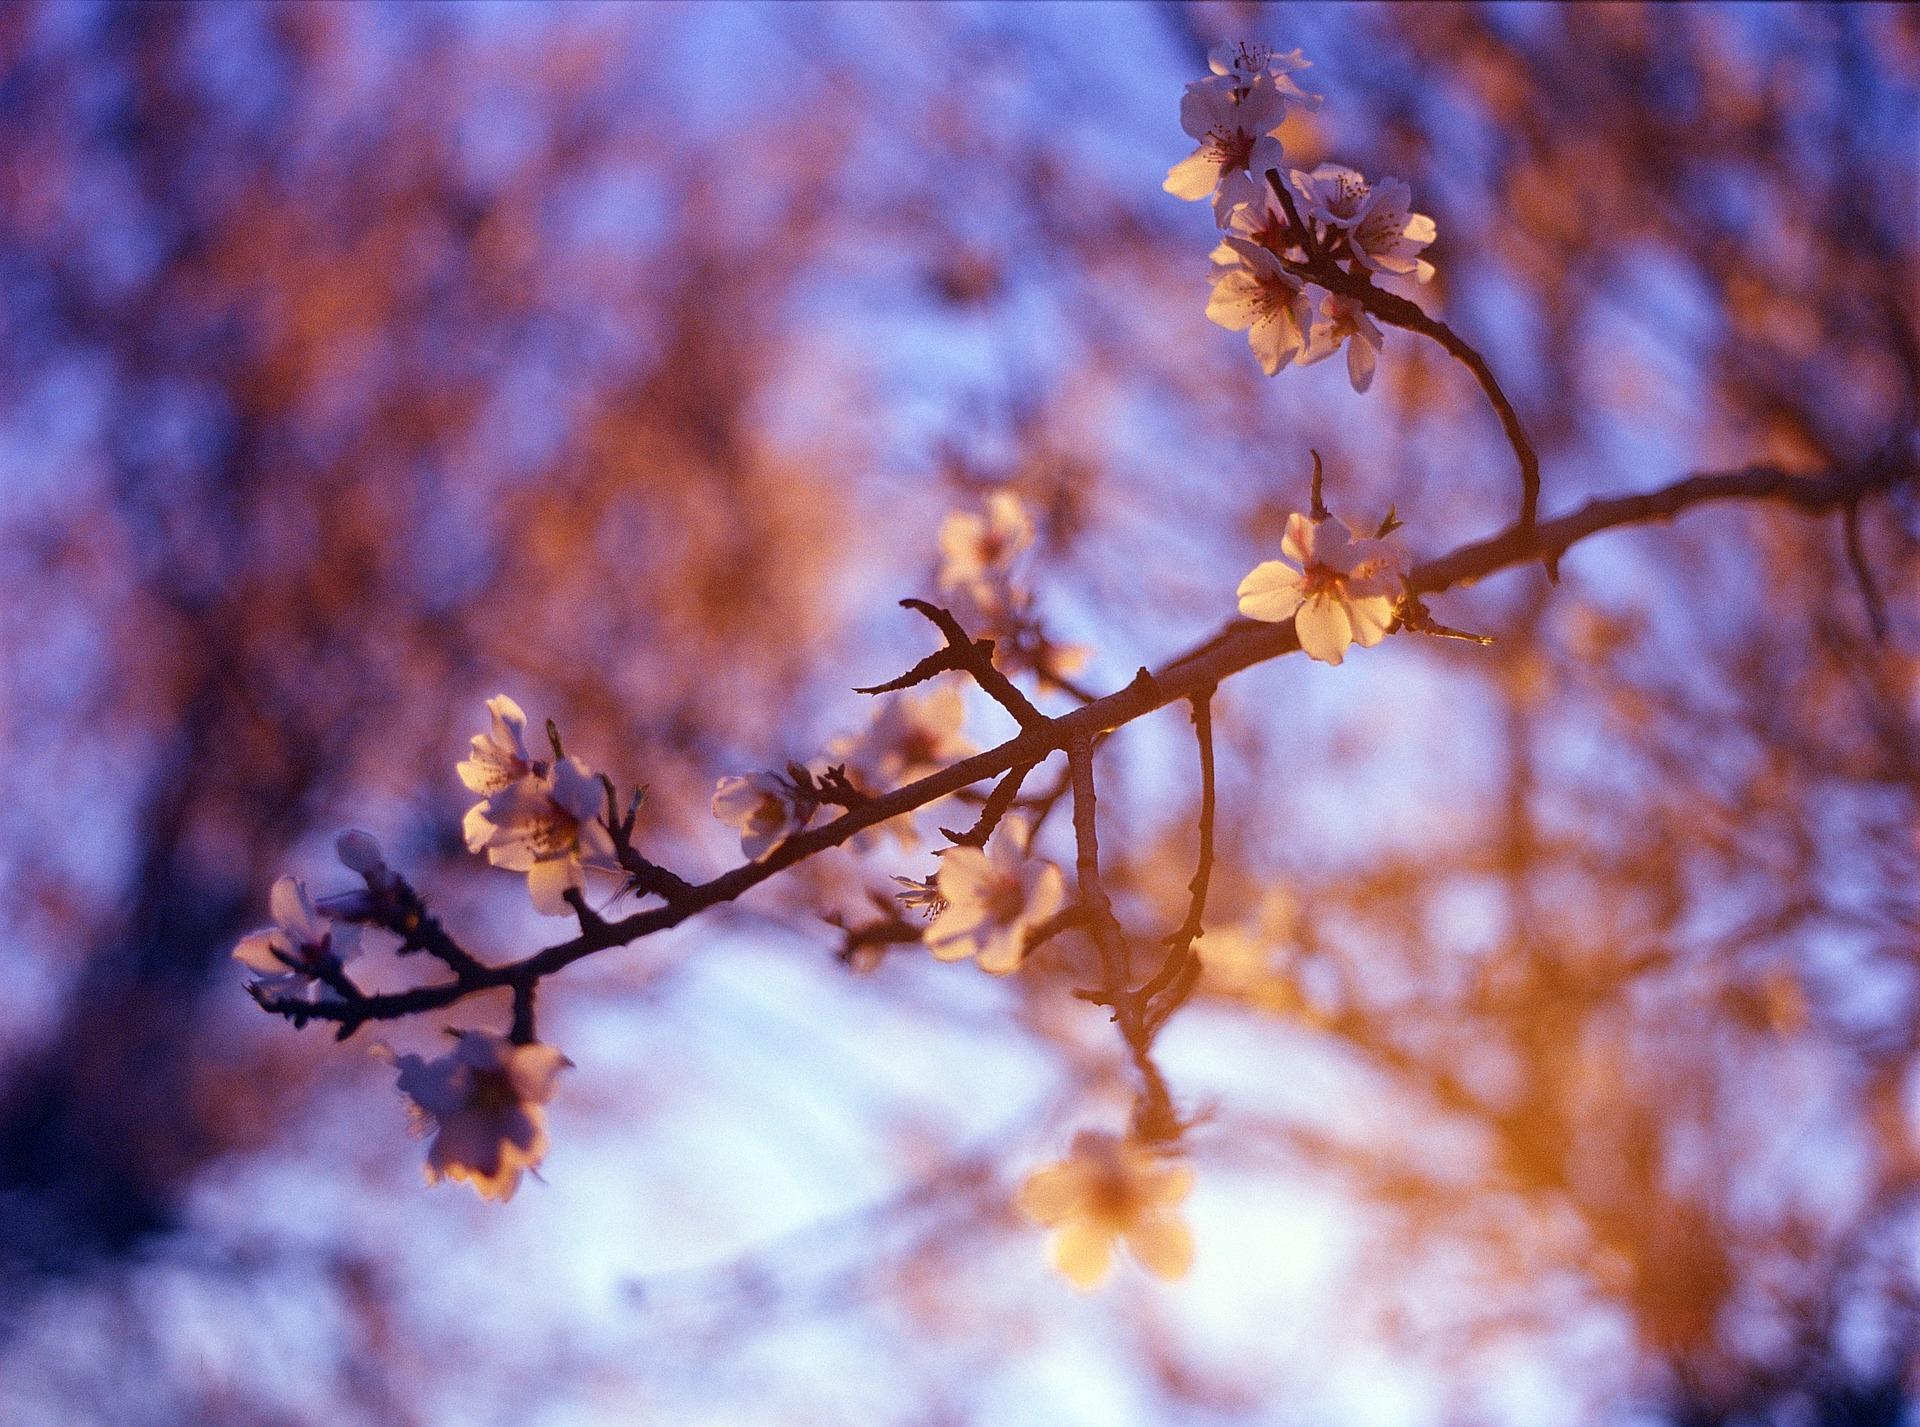 almond-blossom-1345840_1920.jpg